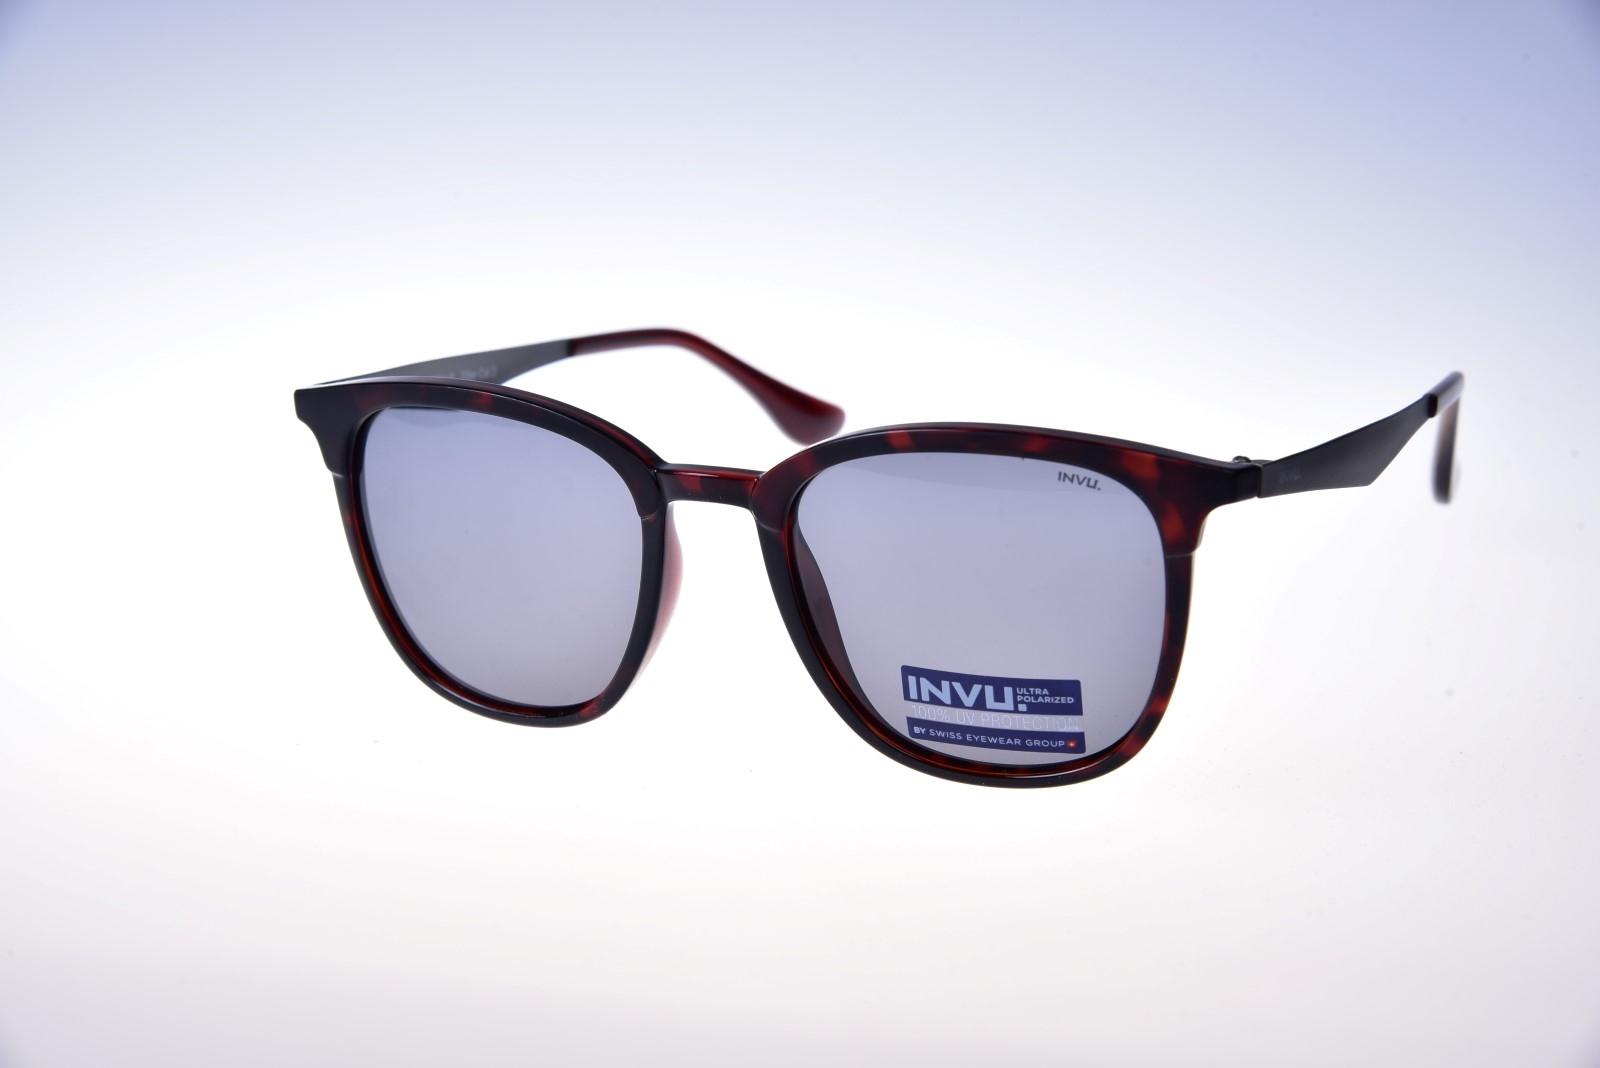 INVU. Trend T2904B - Pánske slnečné okuliare